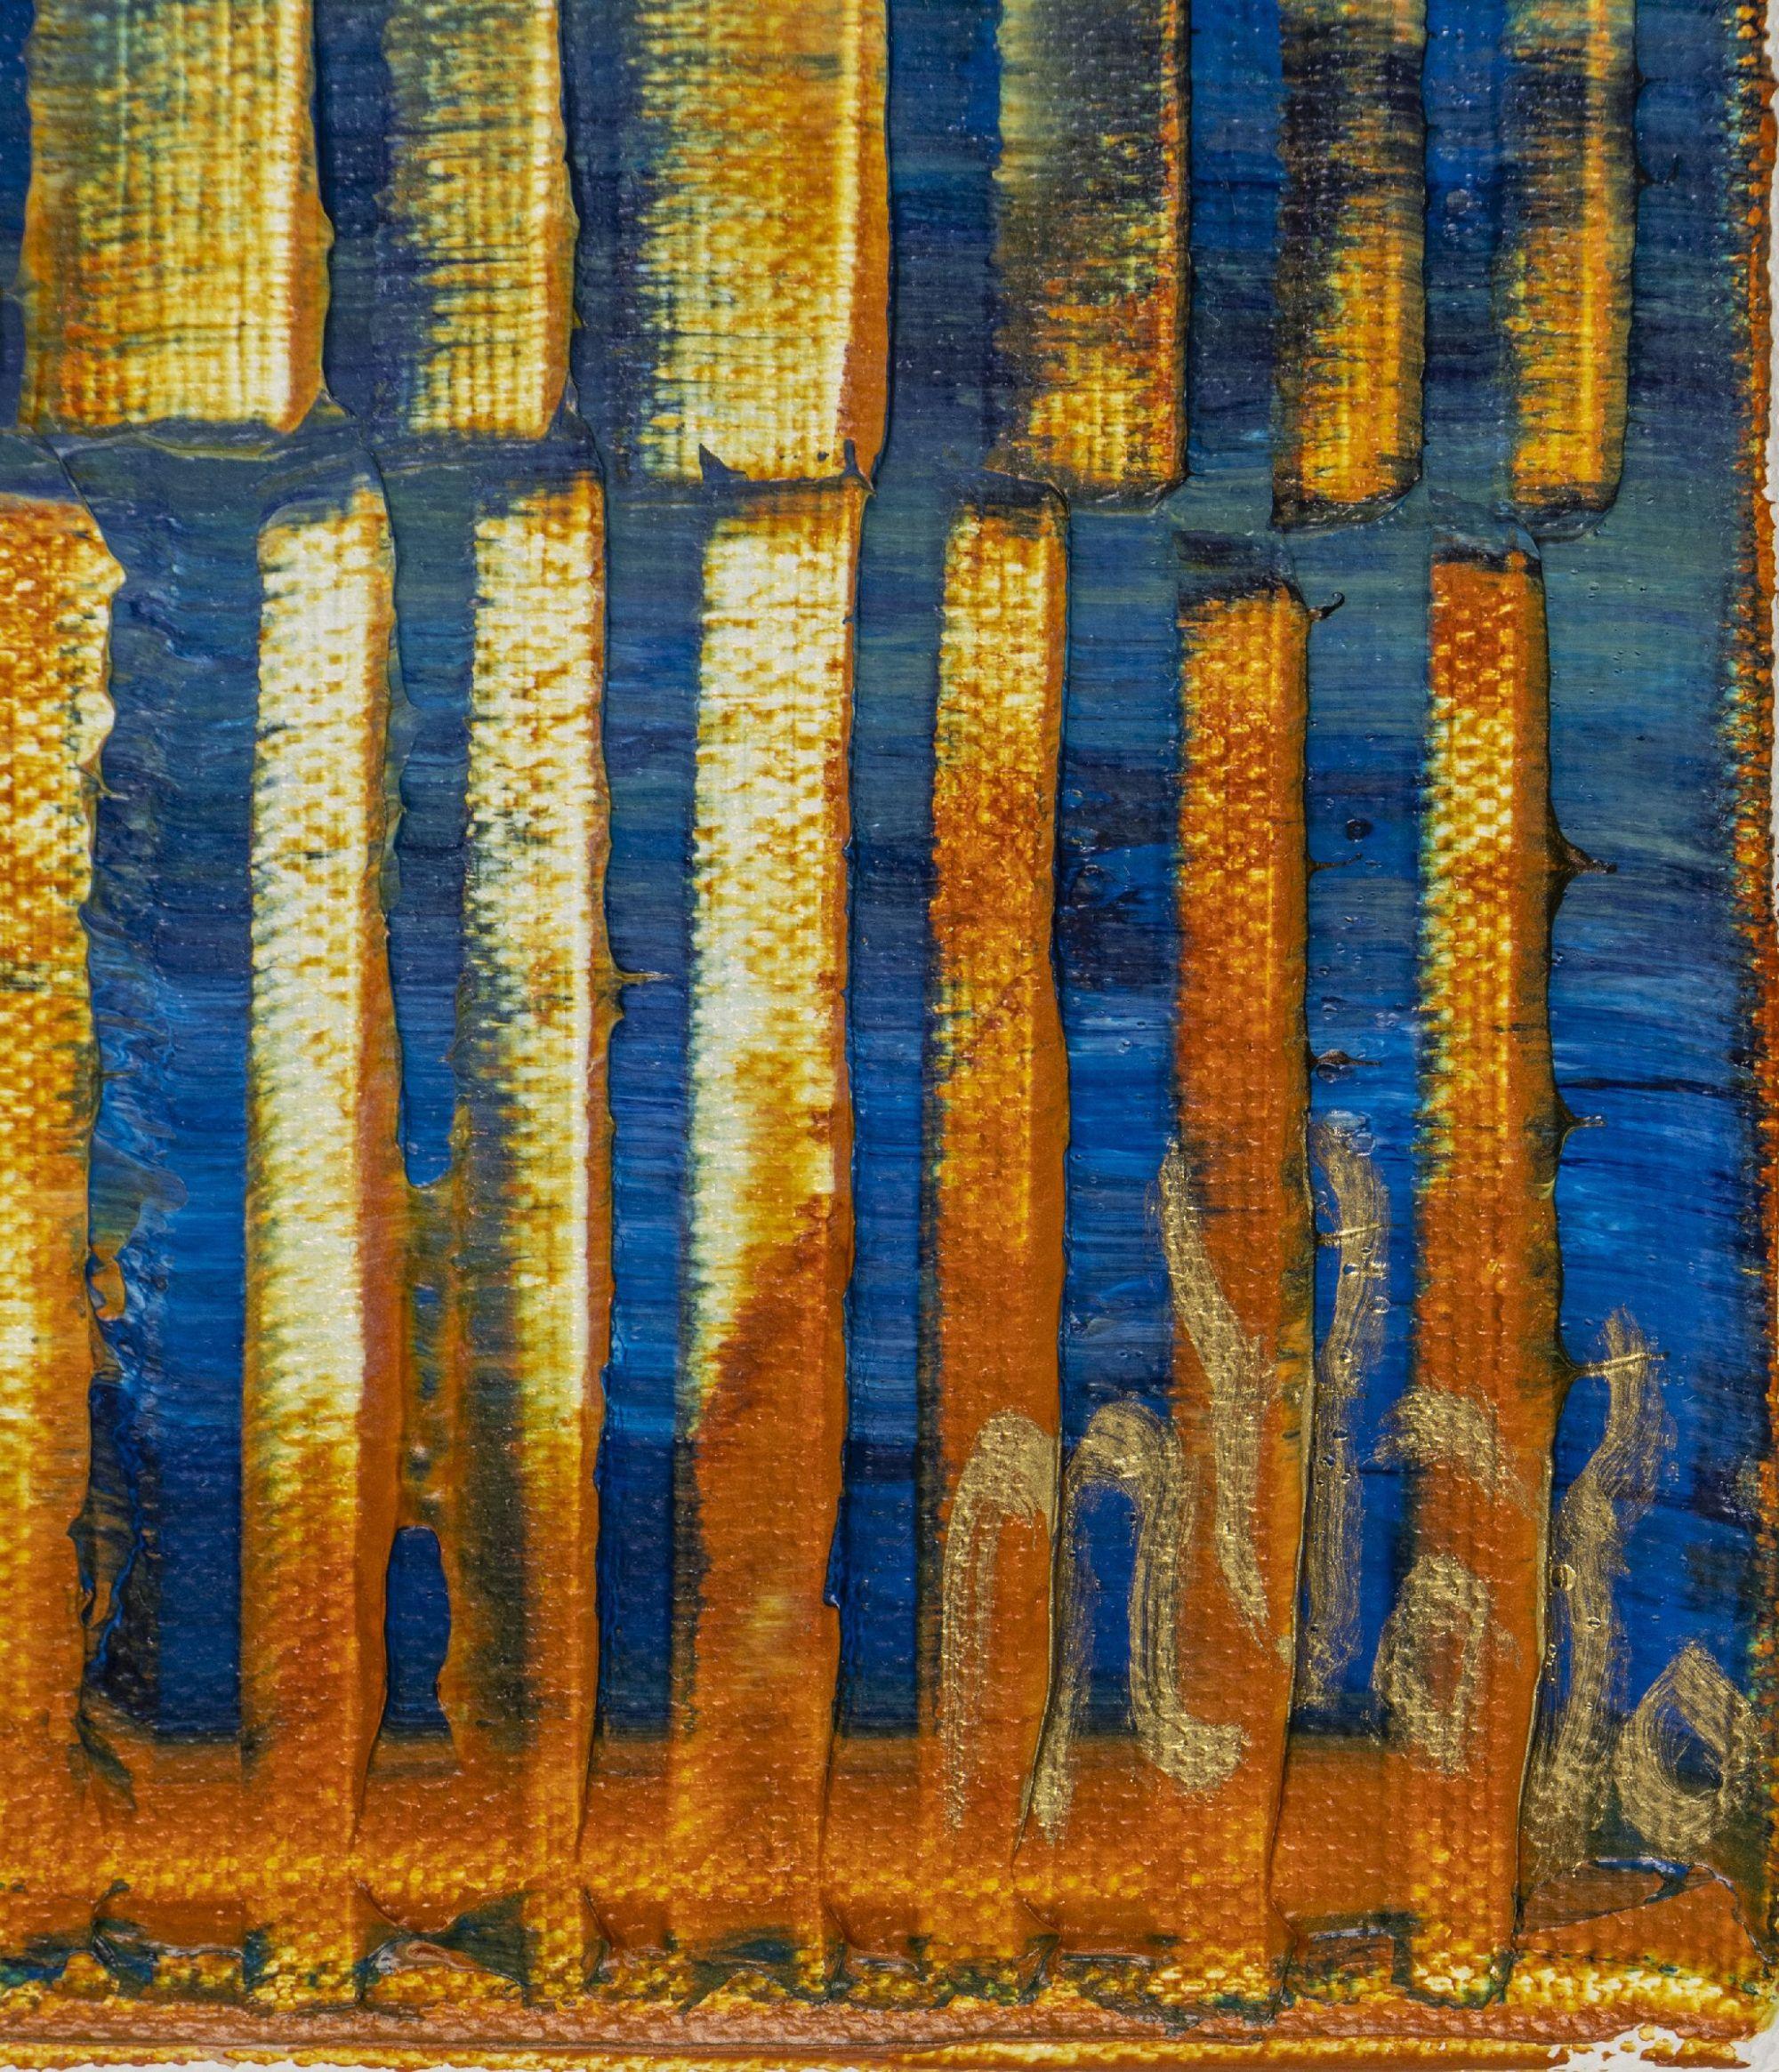 Signature - Orange Panorama (Blue Reflections) 2 (2020) by Nestor Toro